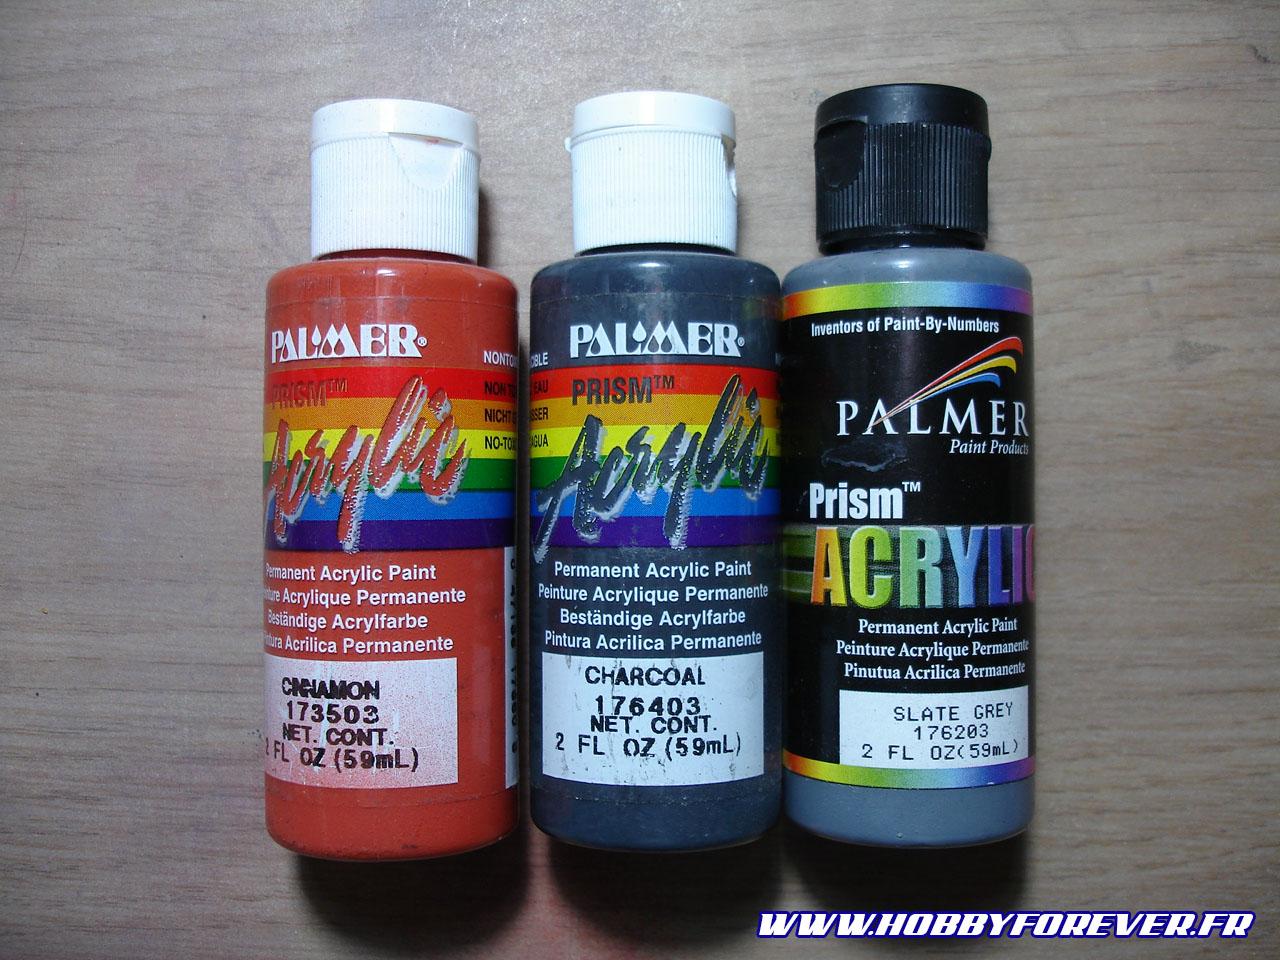 Les acryliques Prism, de Palmer